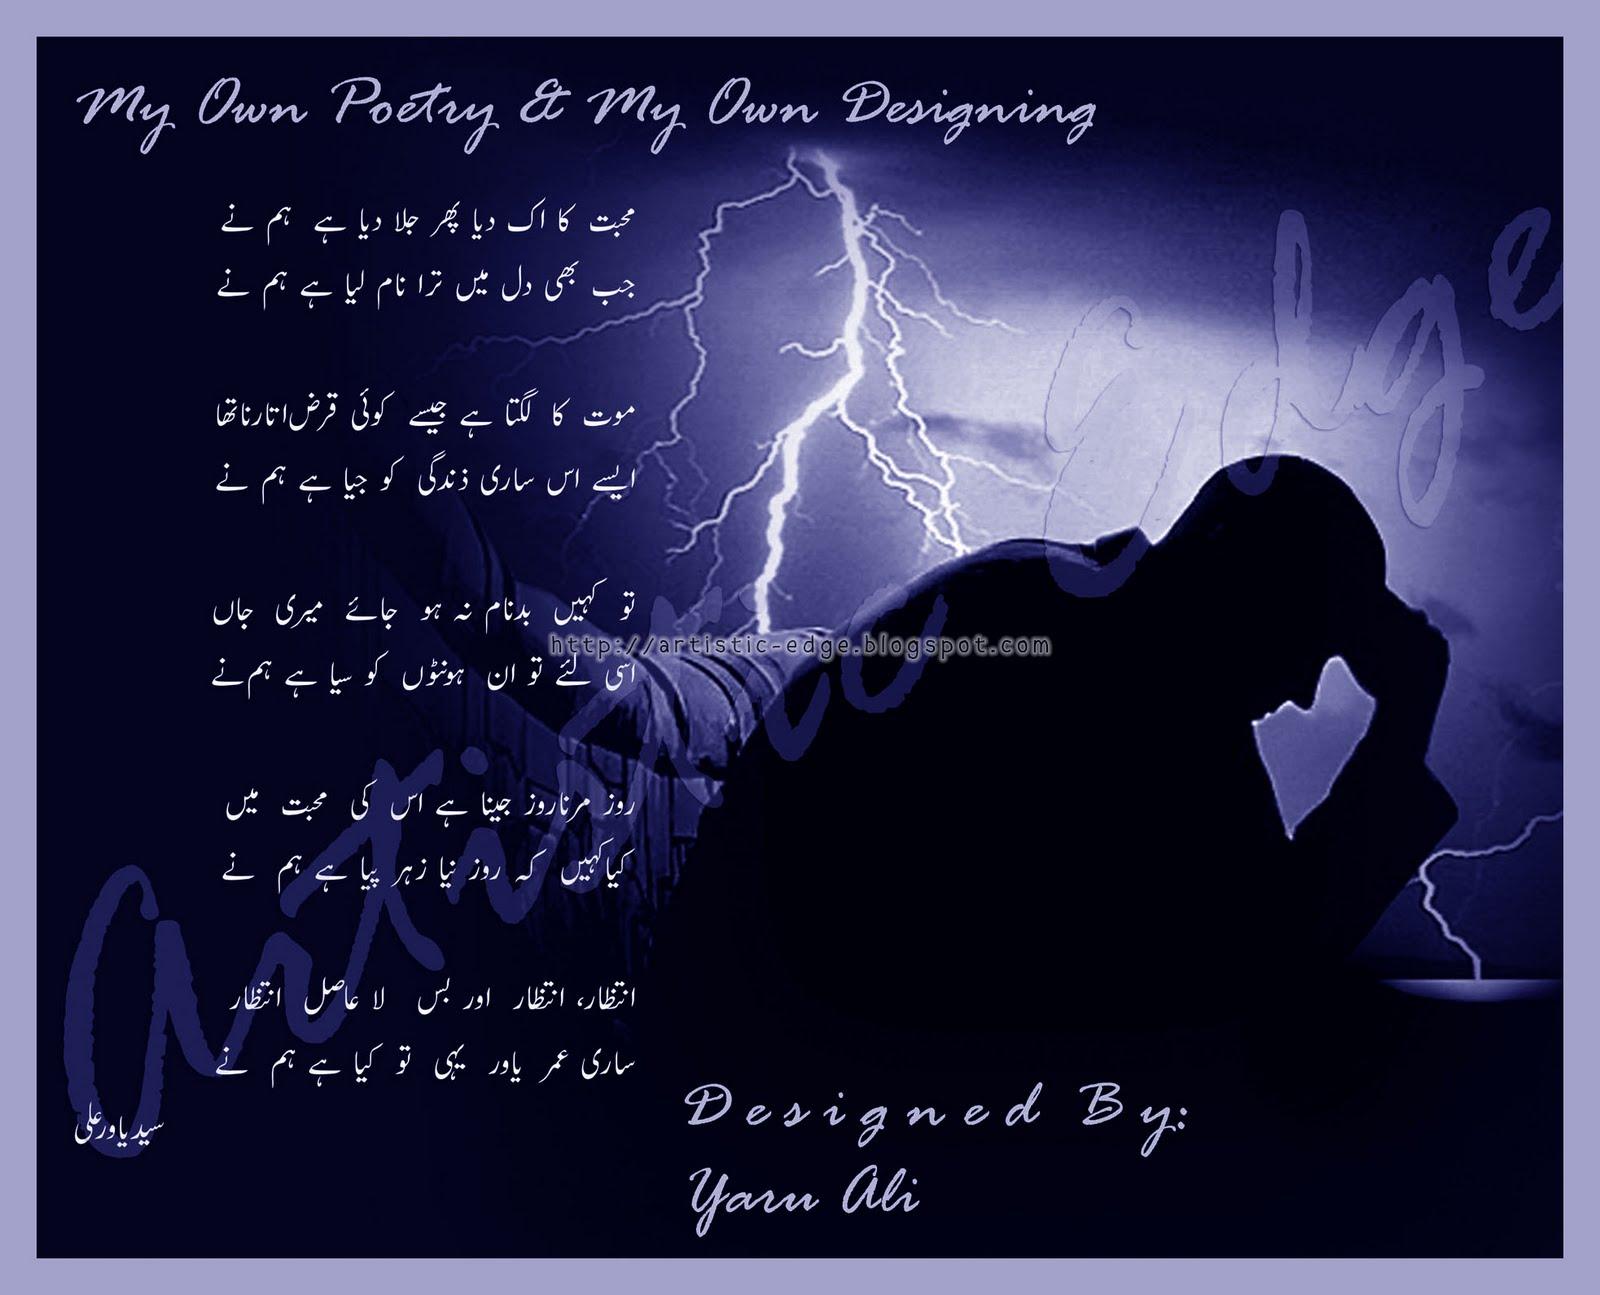 http://2.bp.blogspot.com/-5KraoGo_s8I/Taa5t_s3vWI/AAAAAAAAAK0/b2u0j7SXw60/s1600/Urdu%20Poetry.jpg